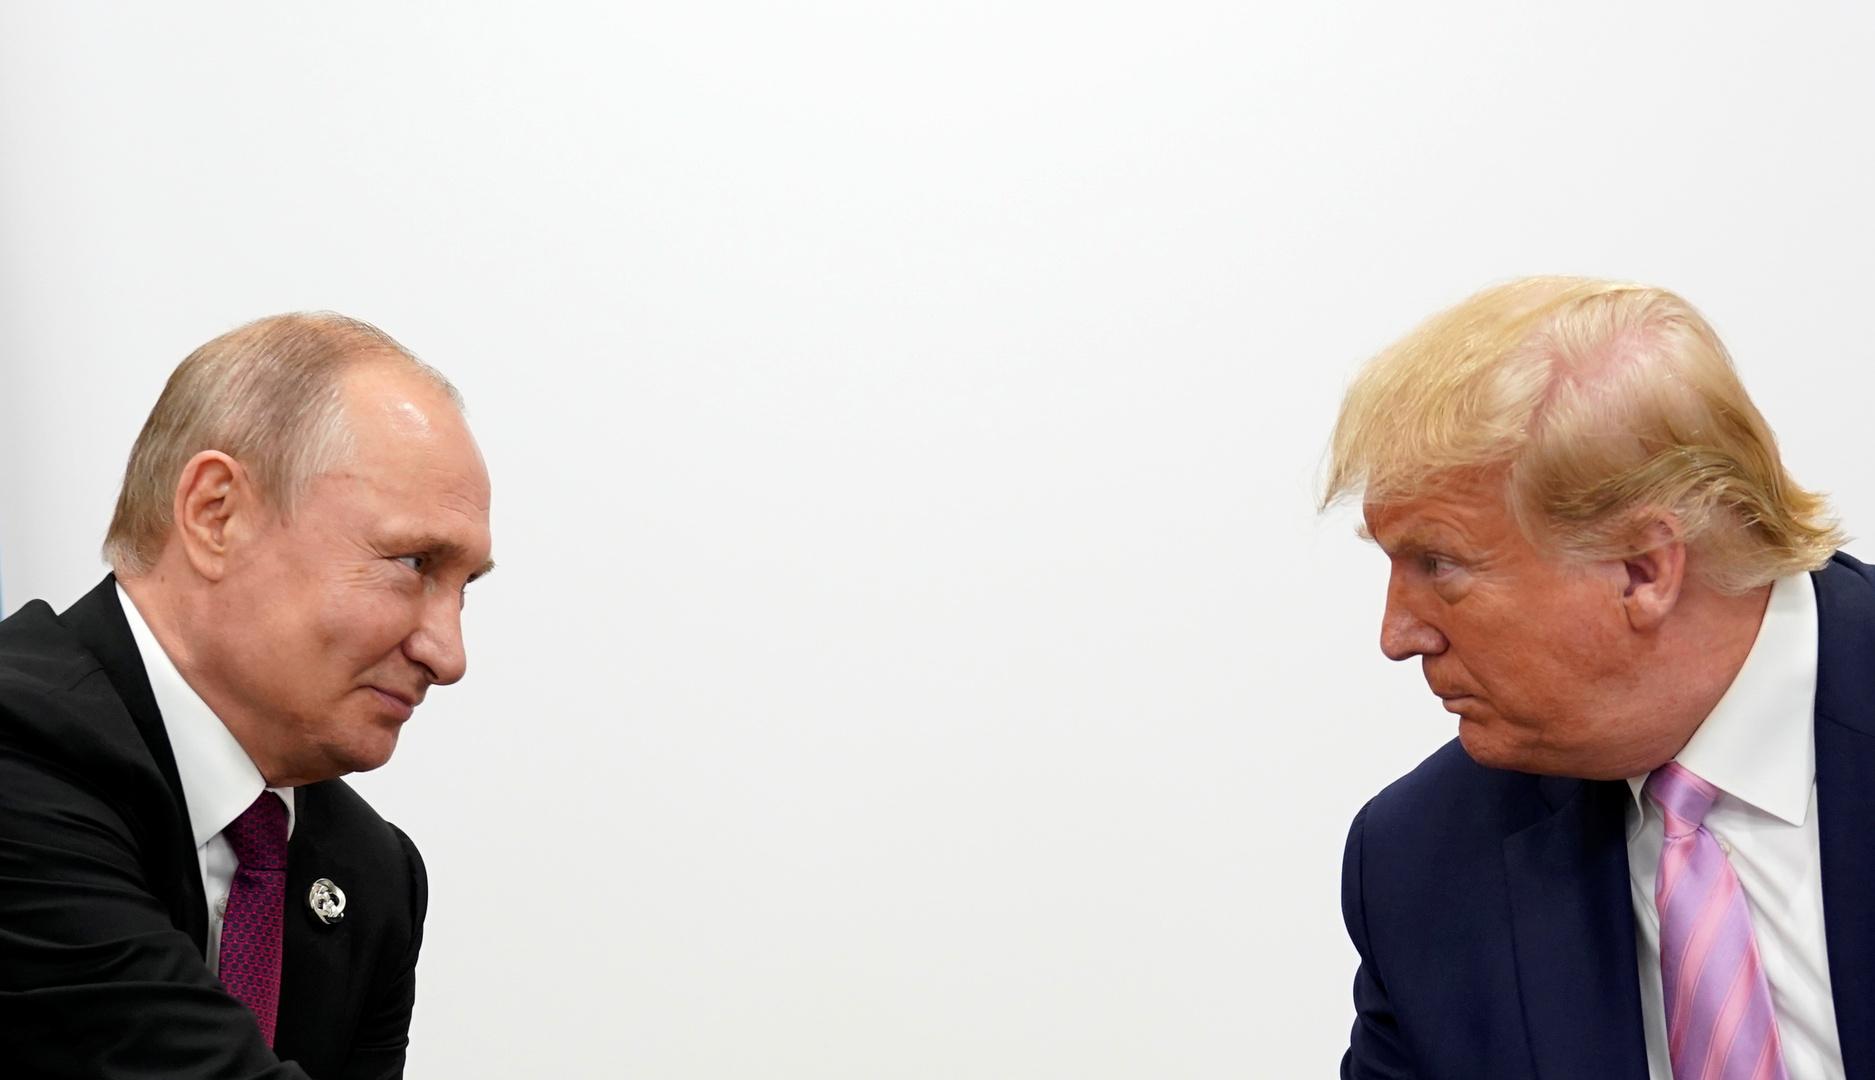 إلى متى يمكن لروسيا أن تستمر في تحدي الغرب